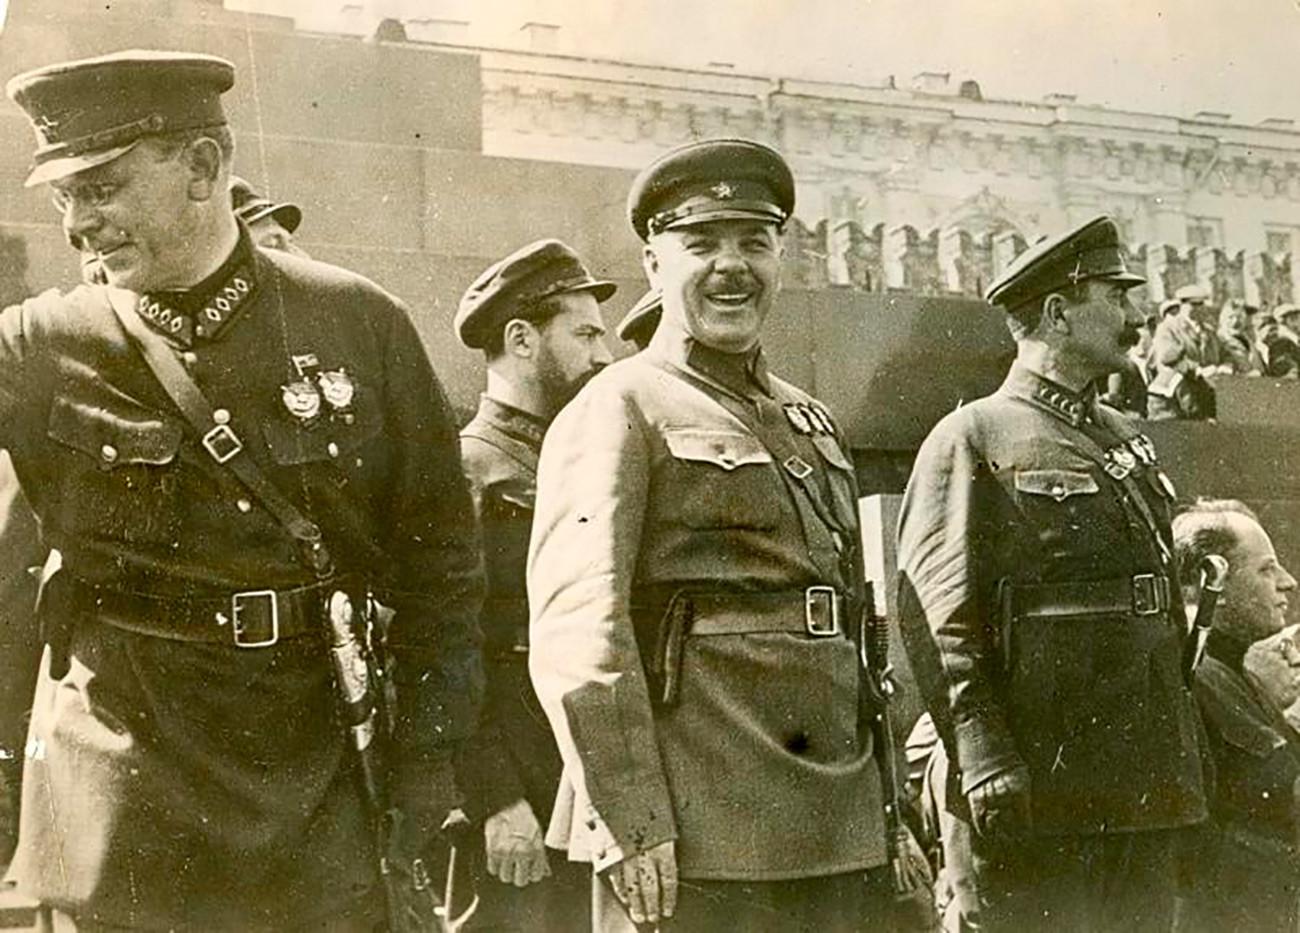 Zapovjednici Crvene armije August Kork, Jan Gamarnik, Kliment Vorošilov, Semjon Buđoni ispred Lenjinovog mauzoleja.